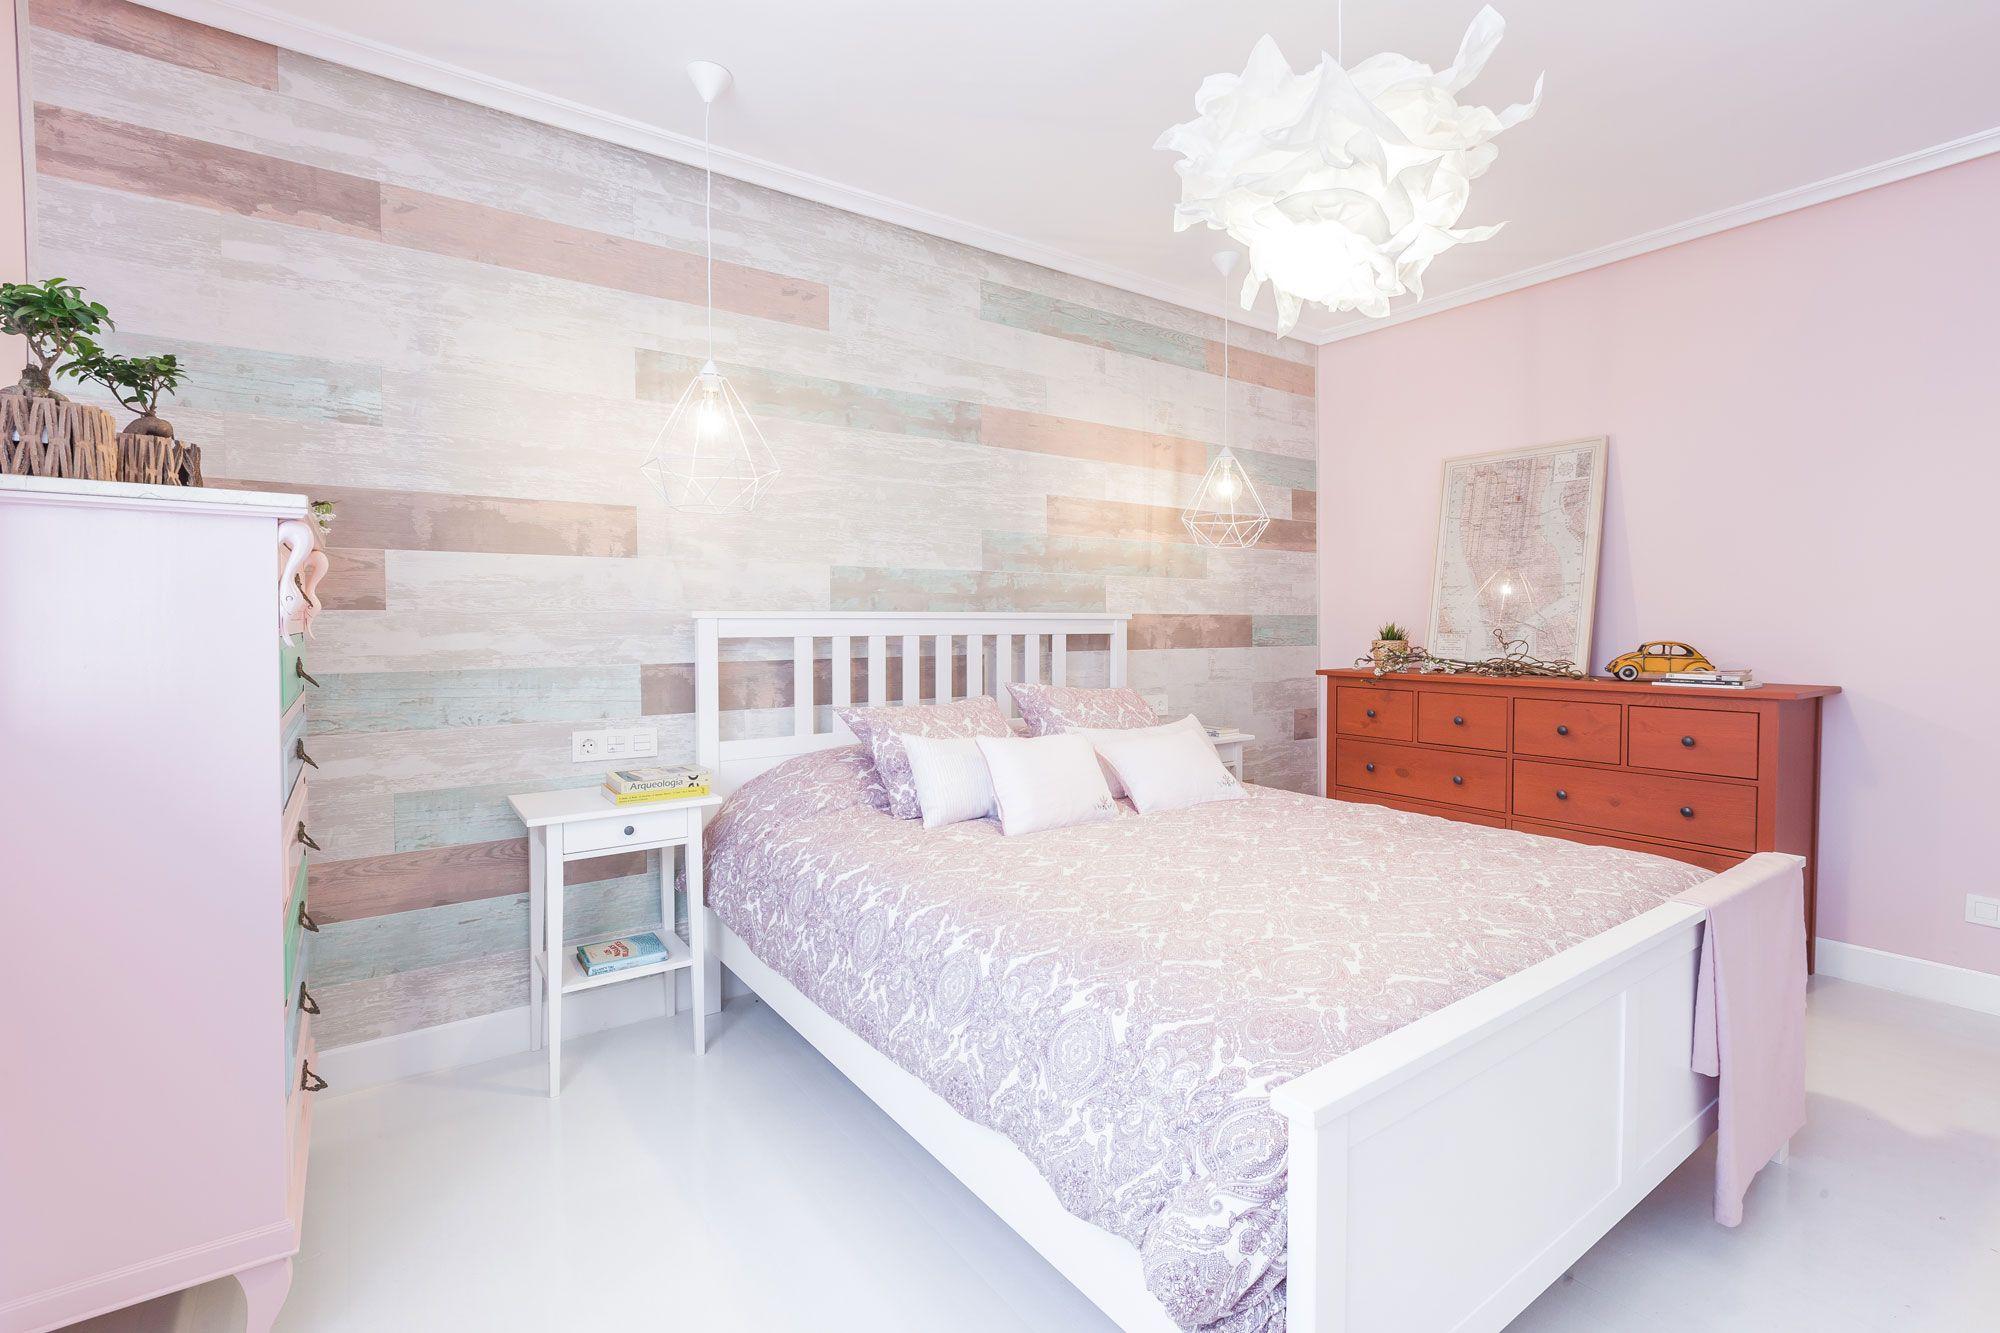 Decorar dormitorio en tonos rosas